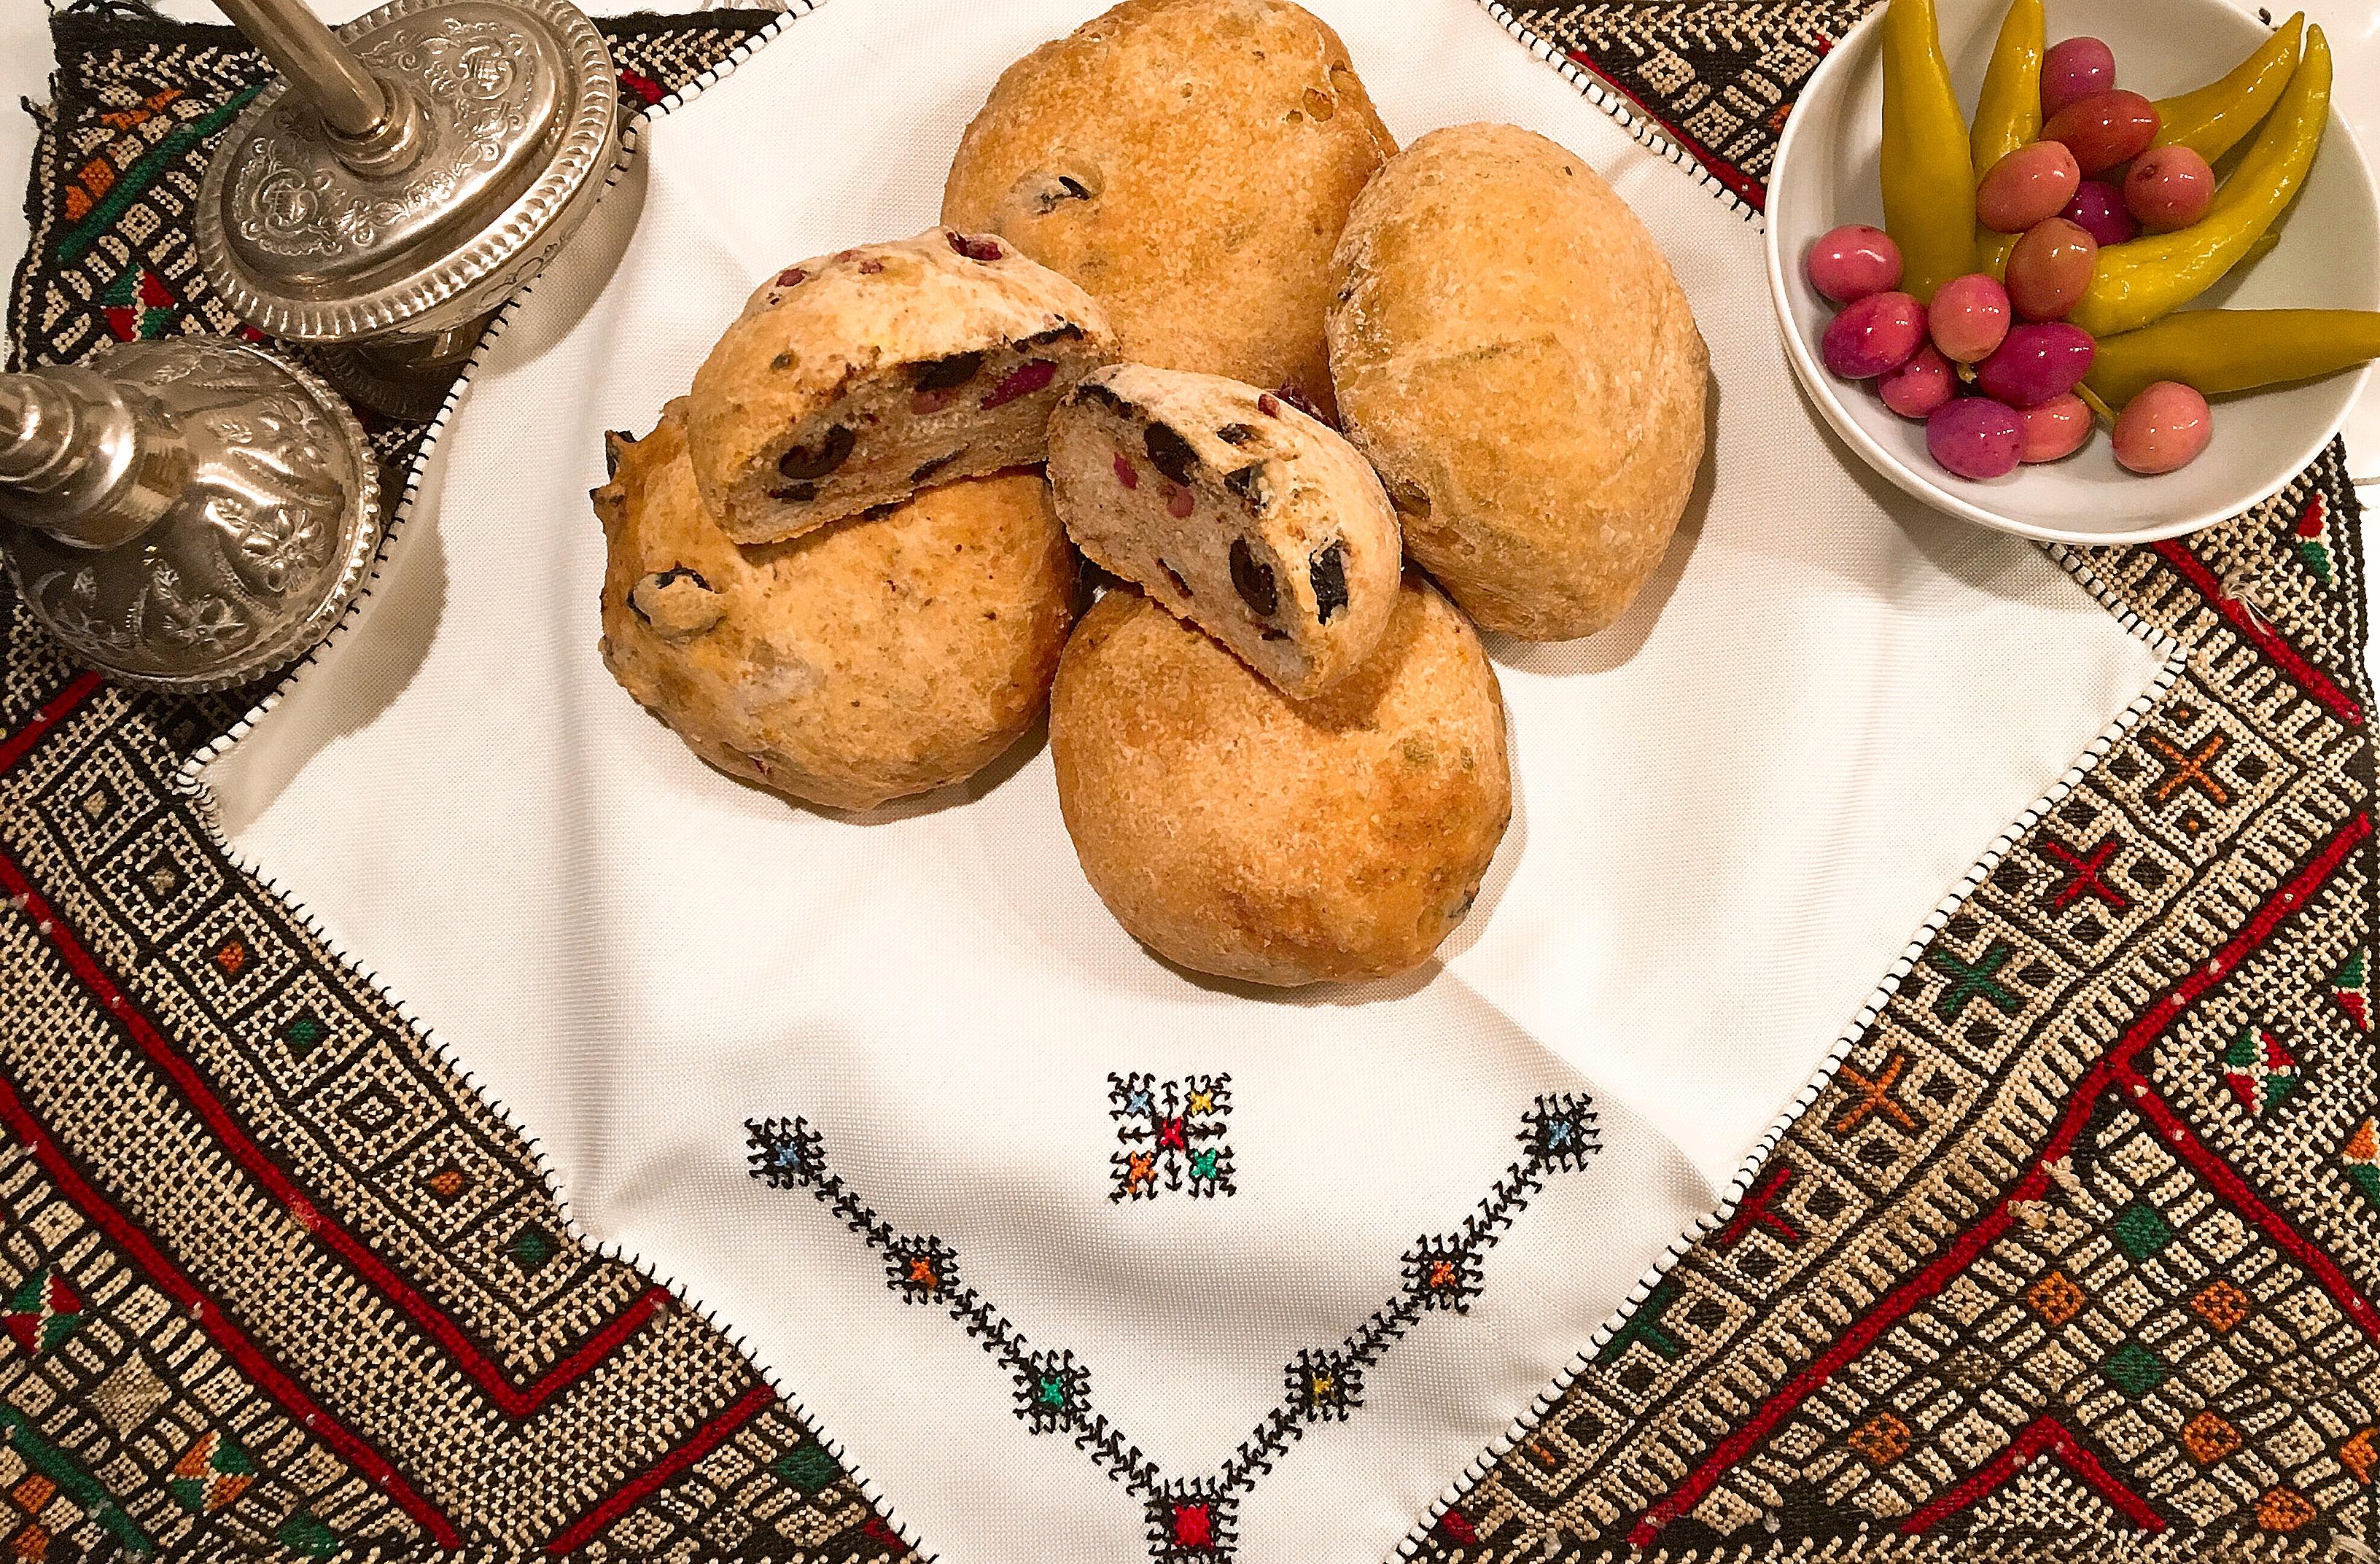 Petits pains au yaourt et aux olives